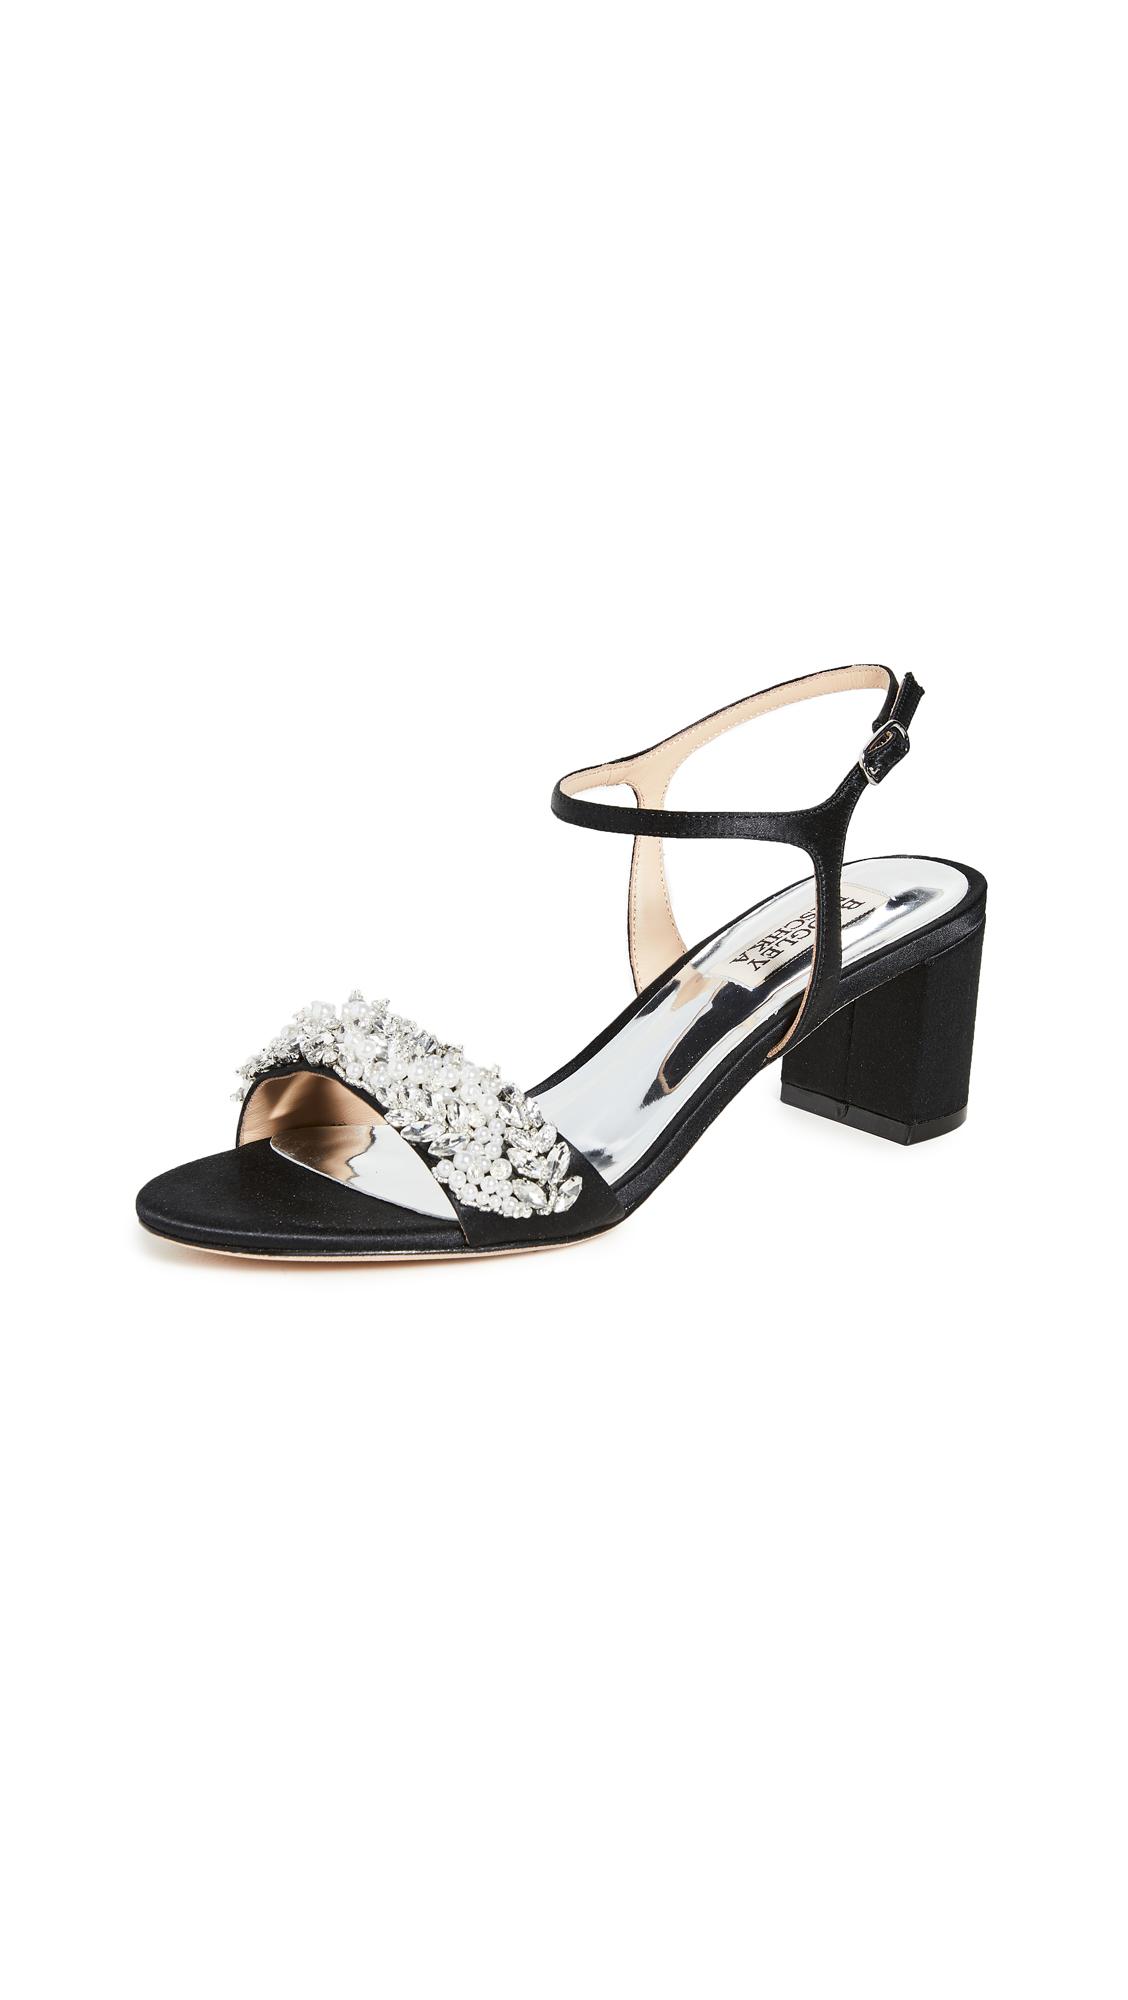 Buy Badgley Mischka online - photo of Badgley Mischka Clair Sandals